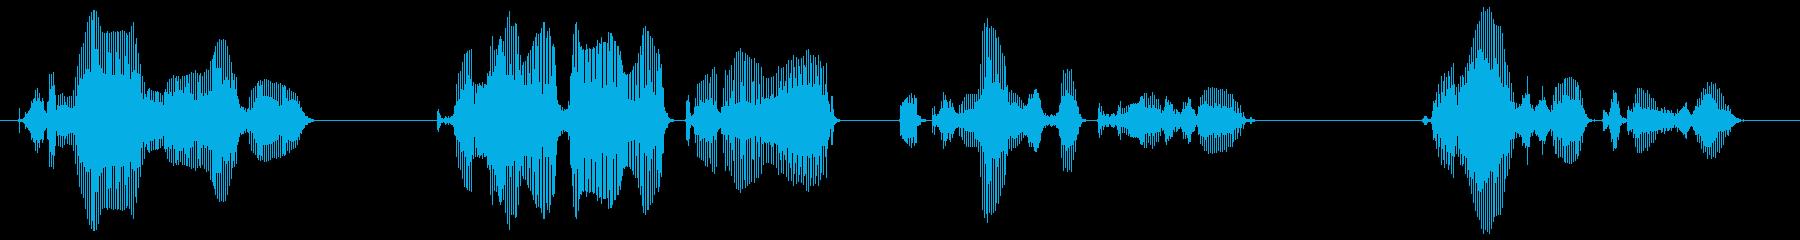 都合により、このお電話からはお繋ぎでき…の再生済みの波形